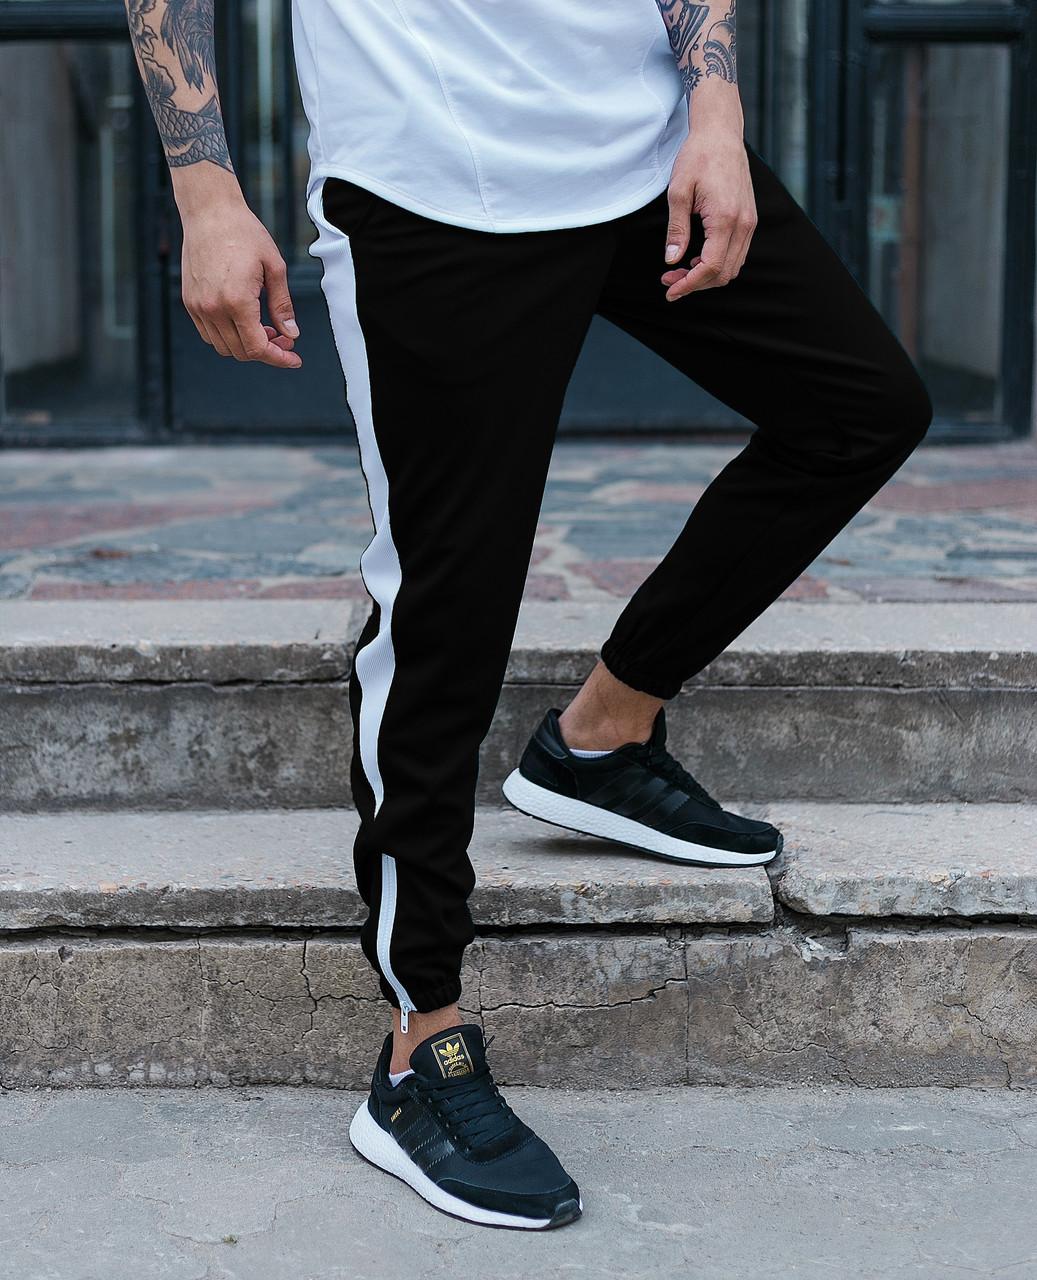 Спортивные штаны черные с белой полоской (лампасом) мужские бренд ТУР модель Рокки (Rocky) TУRWEAR